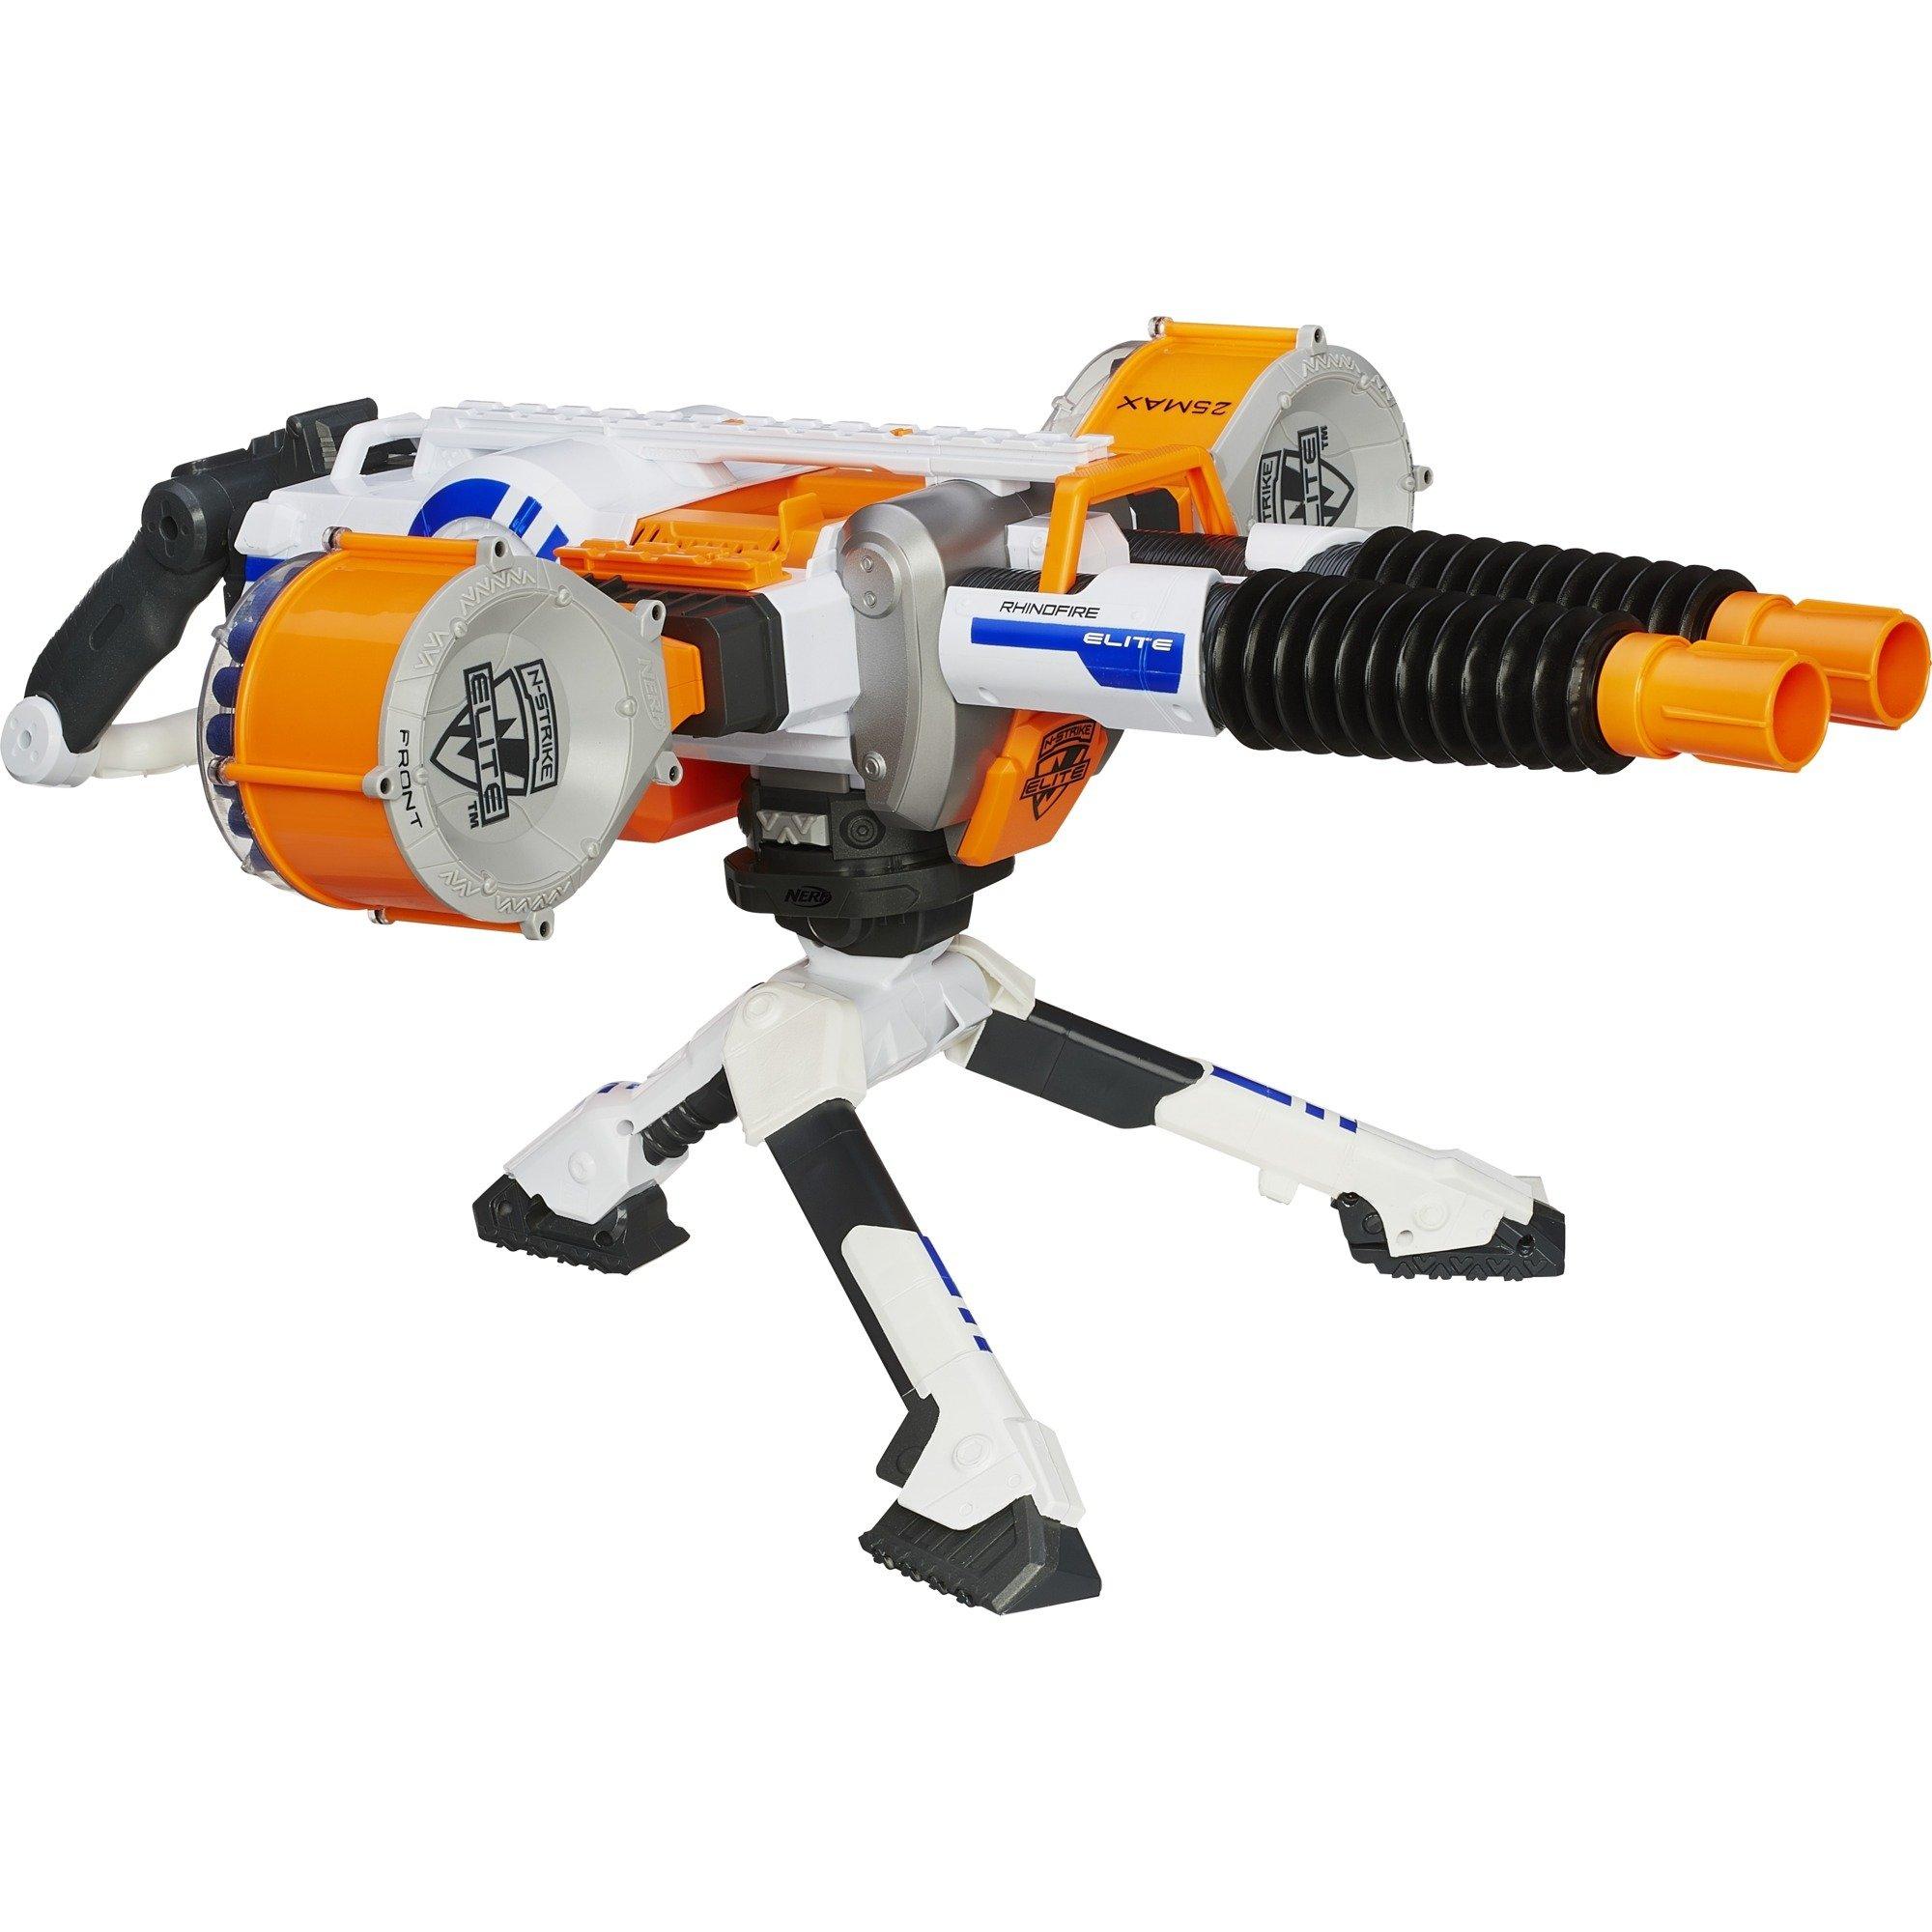 34276EU5, Pistola Nerf